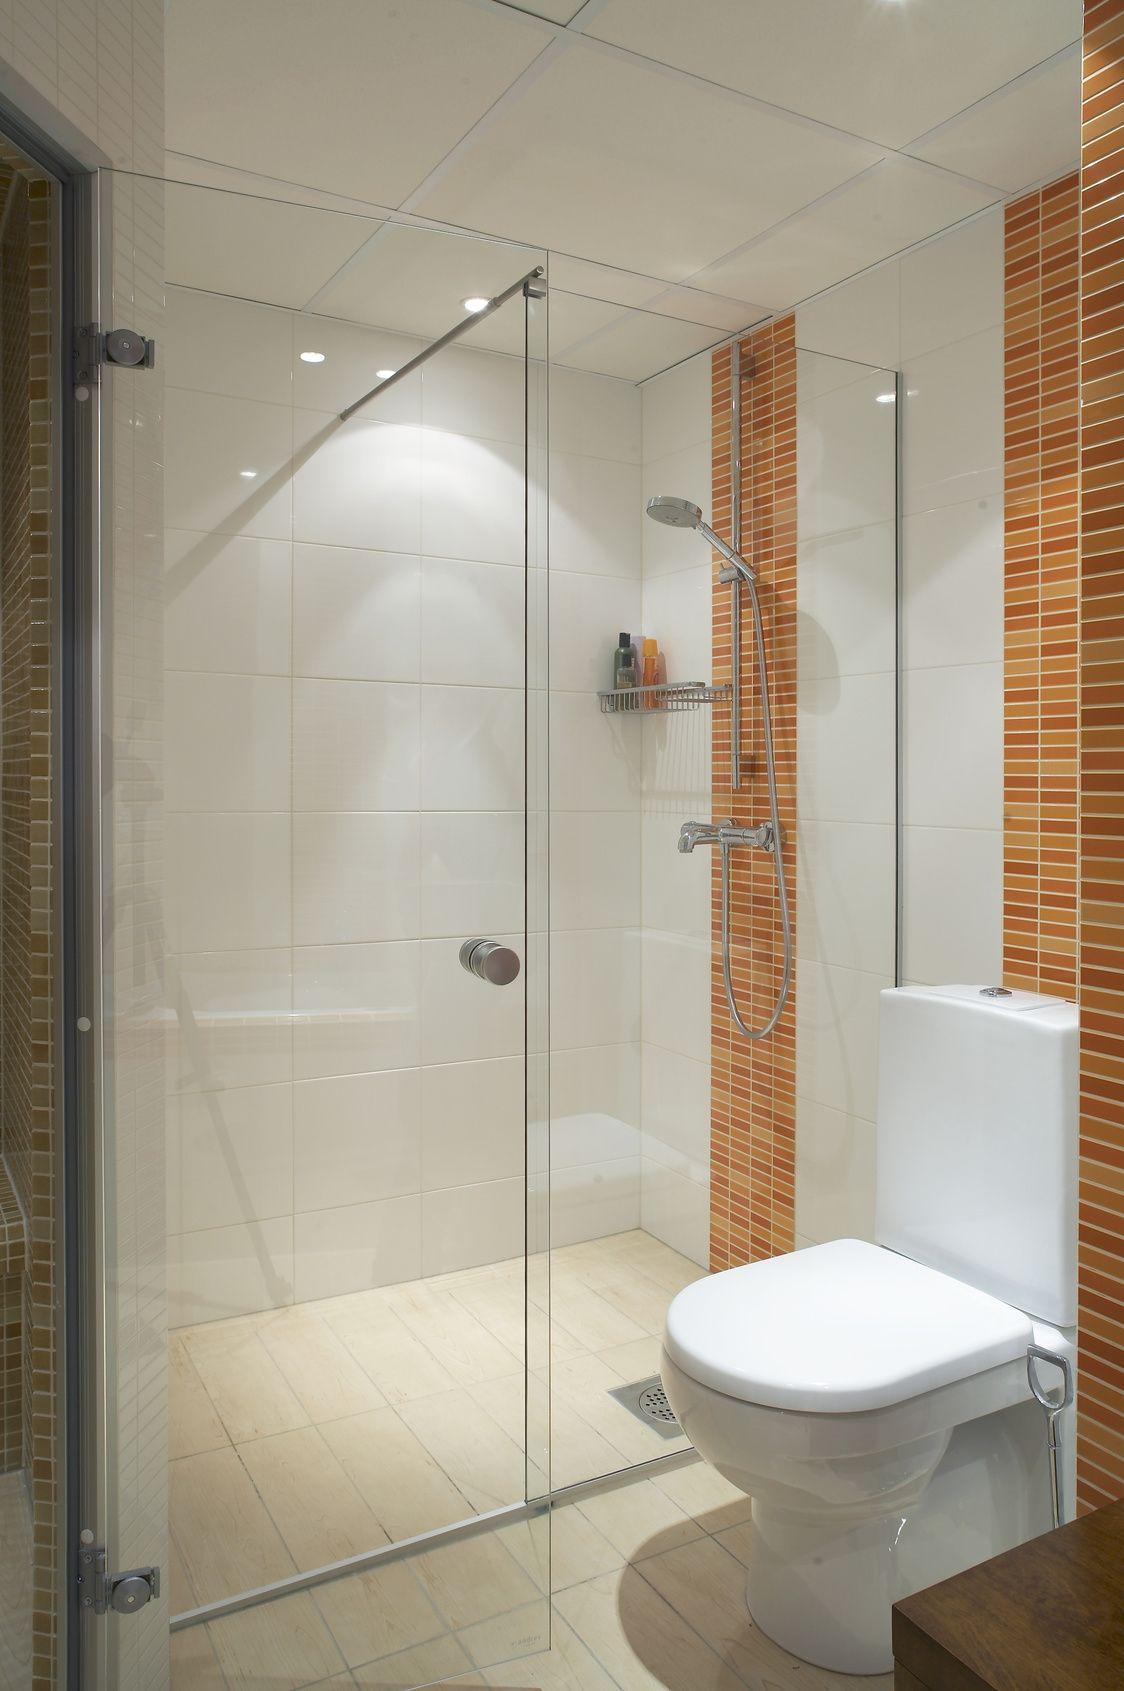 duschkabine wird von alleine sauber praktisches. Black Bedroom Furniture Sets. Home Design Ideas